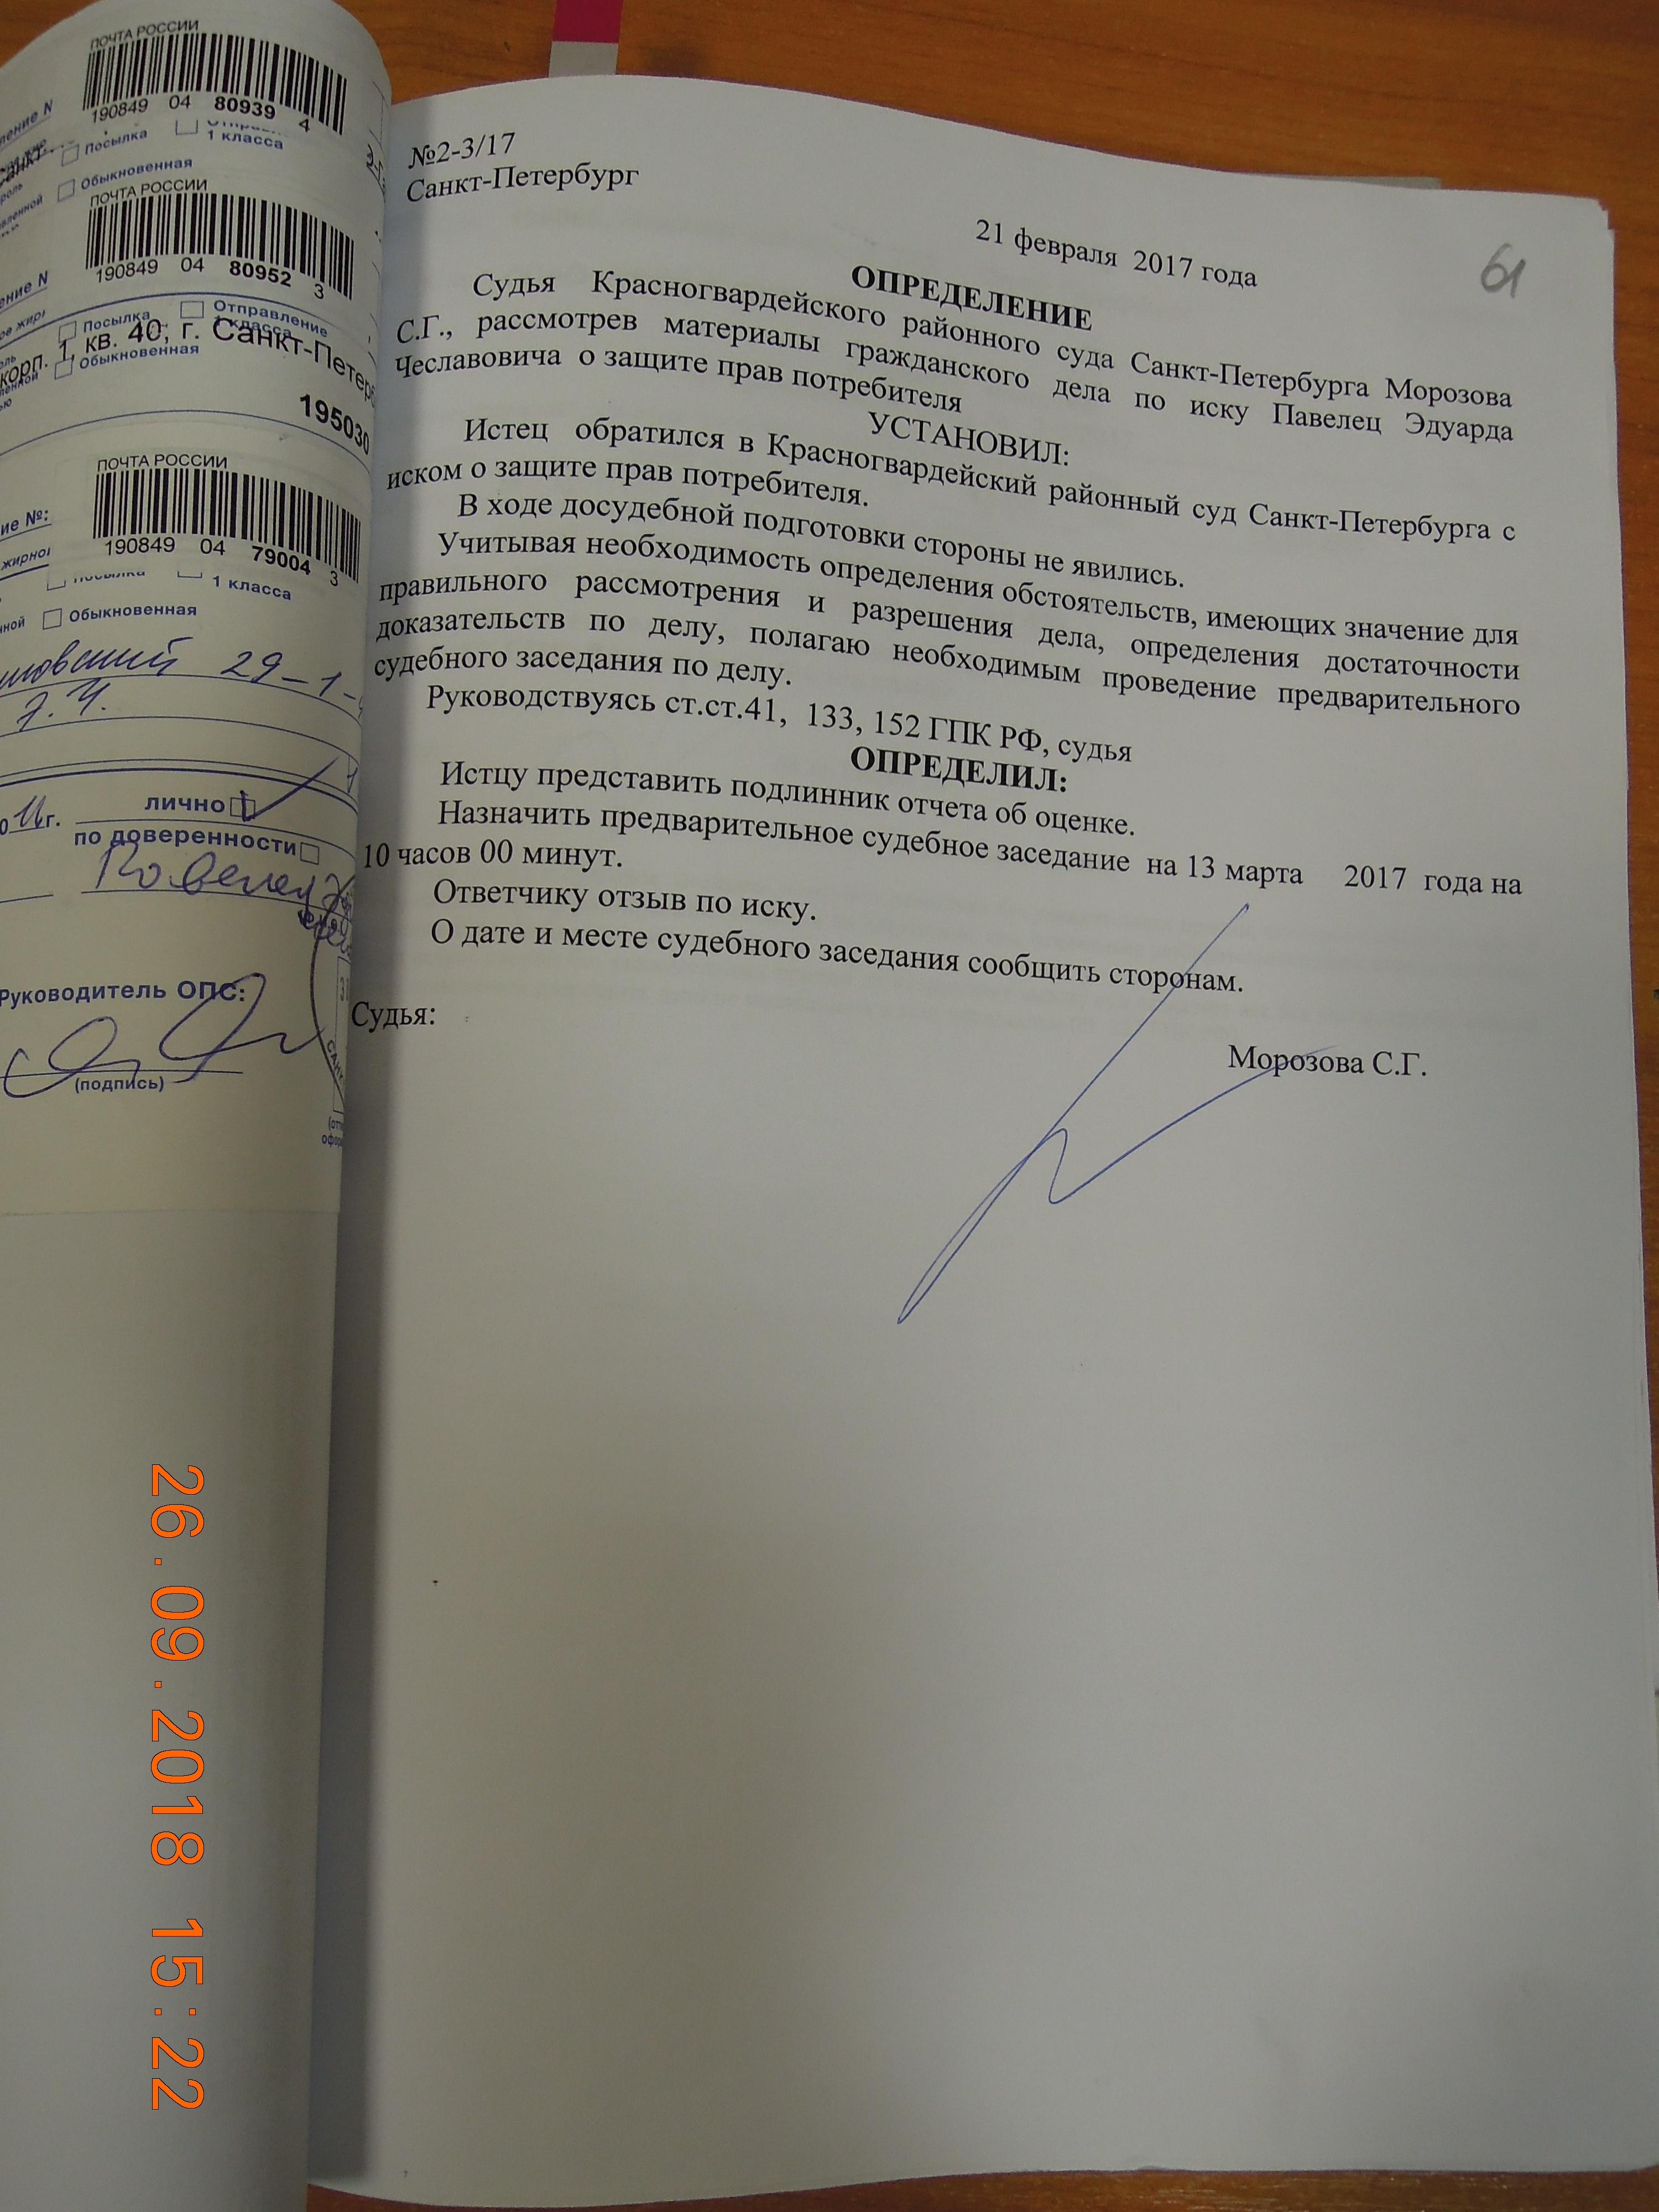 DSCN4506.JPG